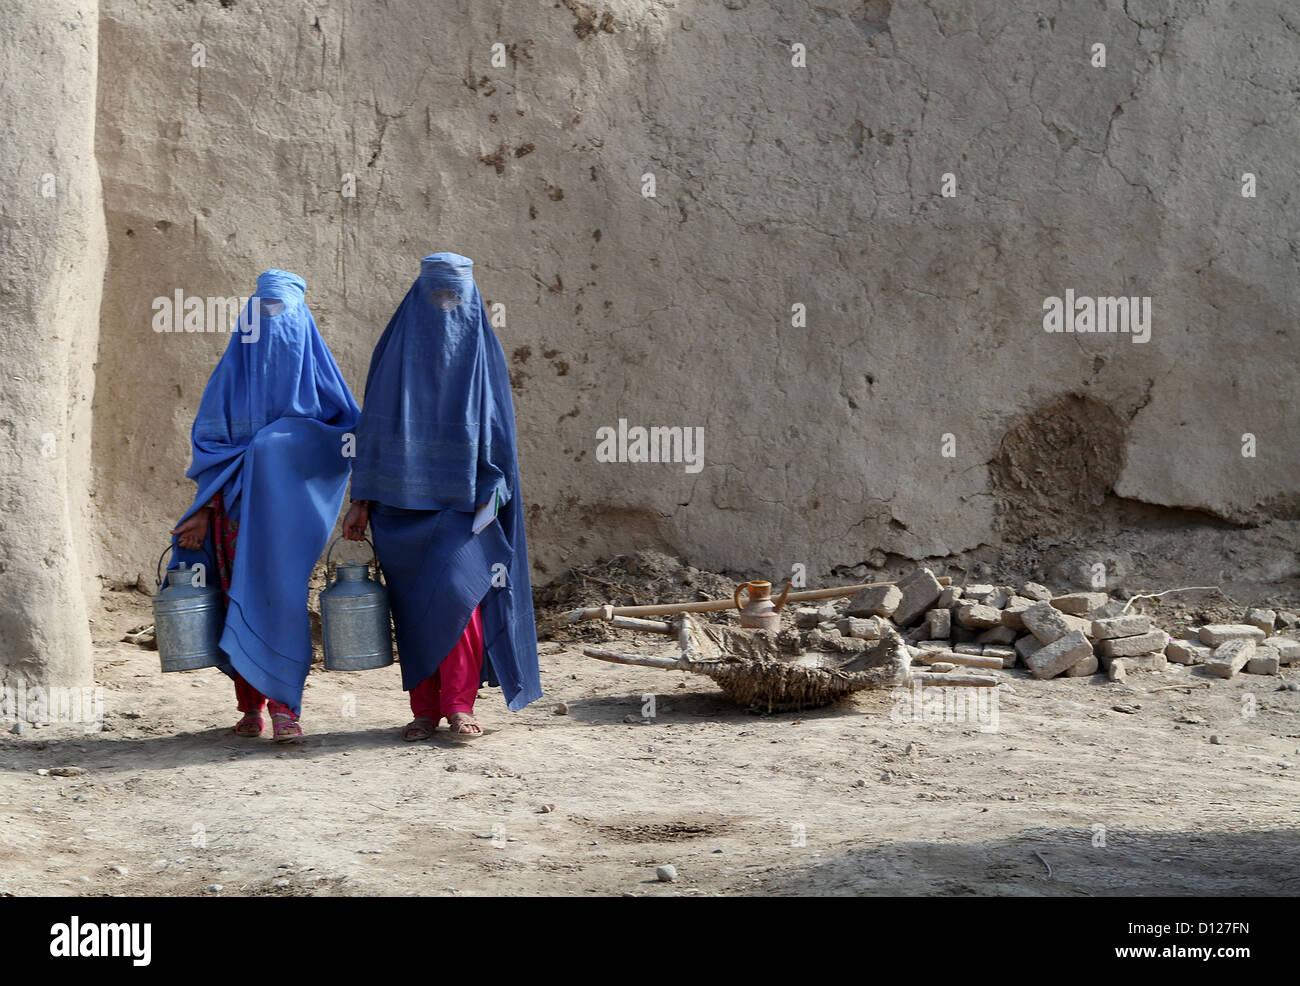 afghanische frauen tragen traditionelle ganzk rper f r. Black Bedroom Furniture Sets. Home Design Ideas